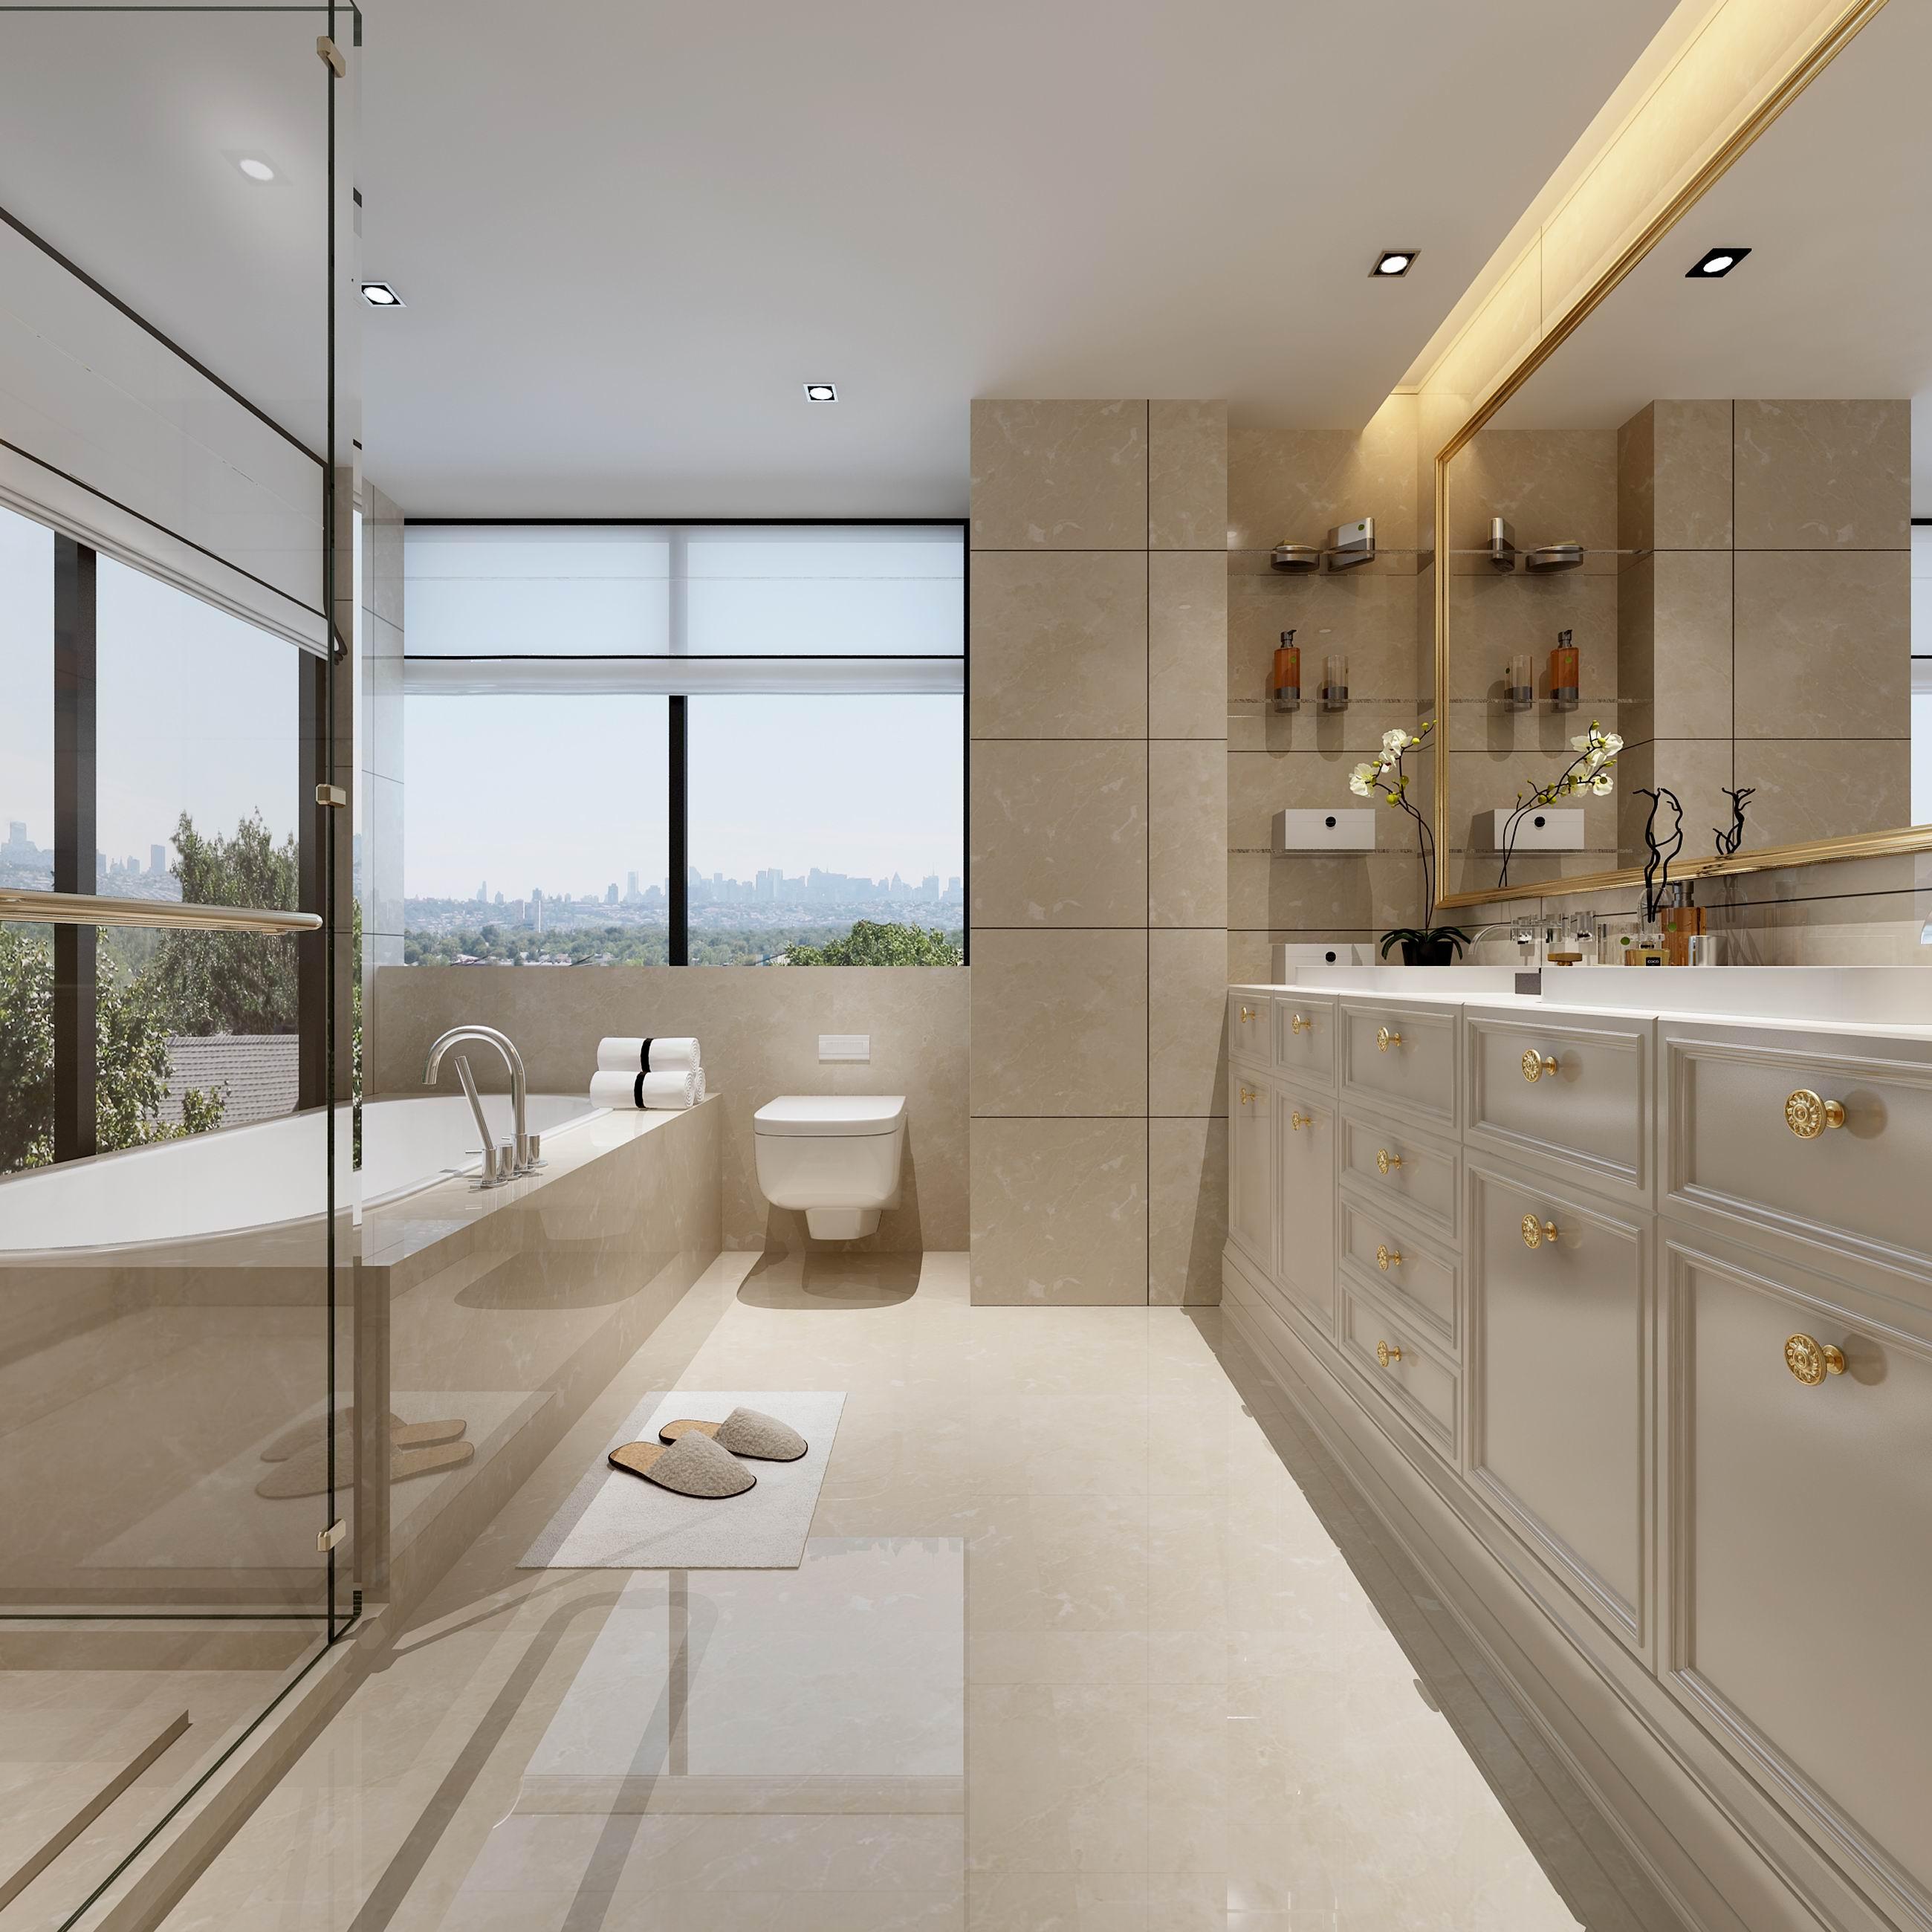 别墅 设计 装修 案例 欧式风格 卫浴间图片来自无锡别墅设计s在奥林匹克简欧风格别墅设计案例的分享